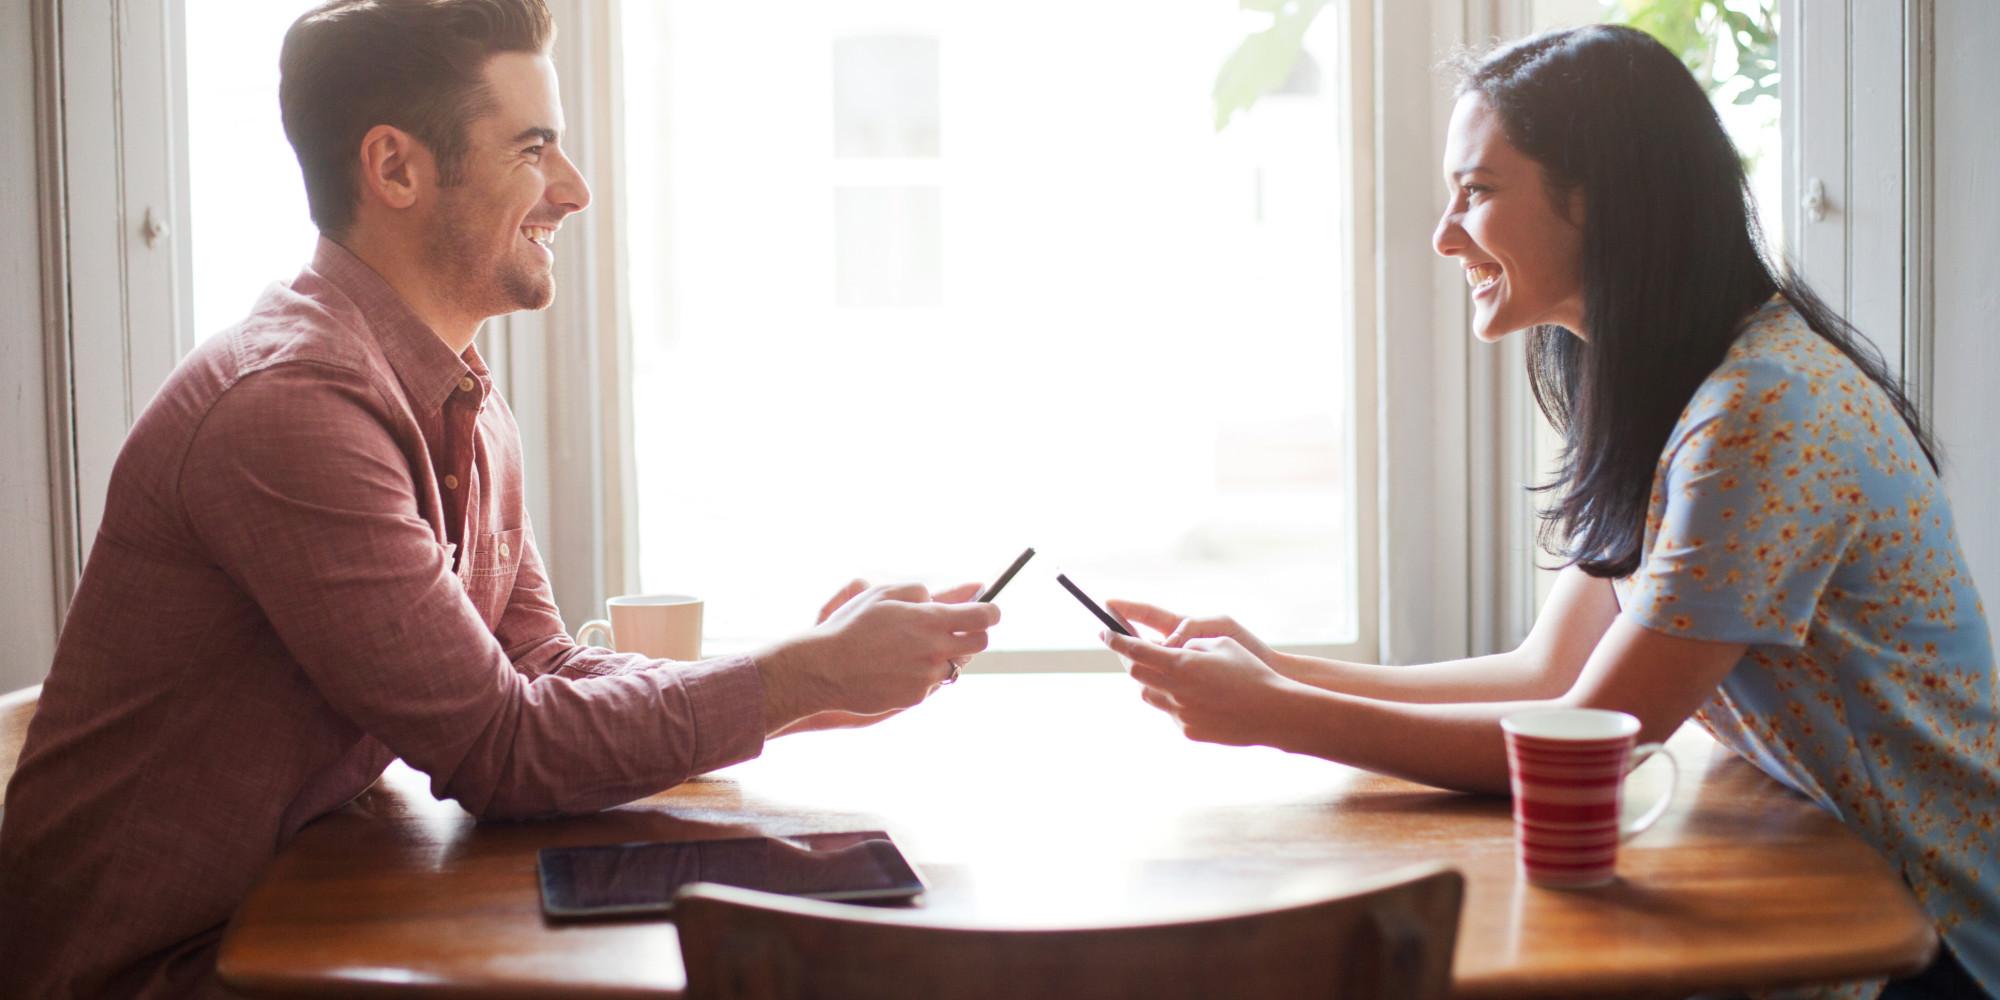 Multe cupluri învață să comunice abia după despărțire